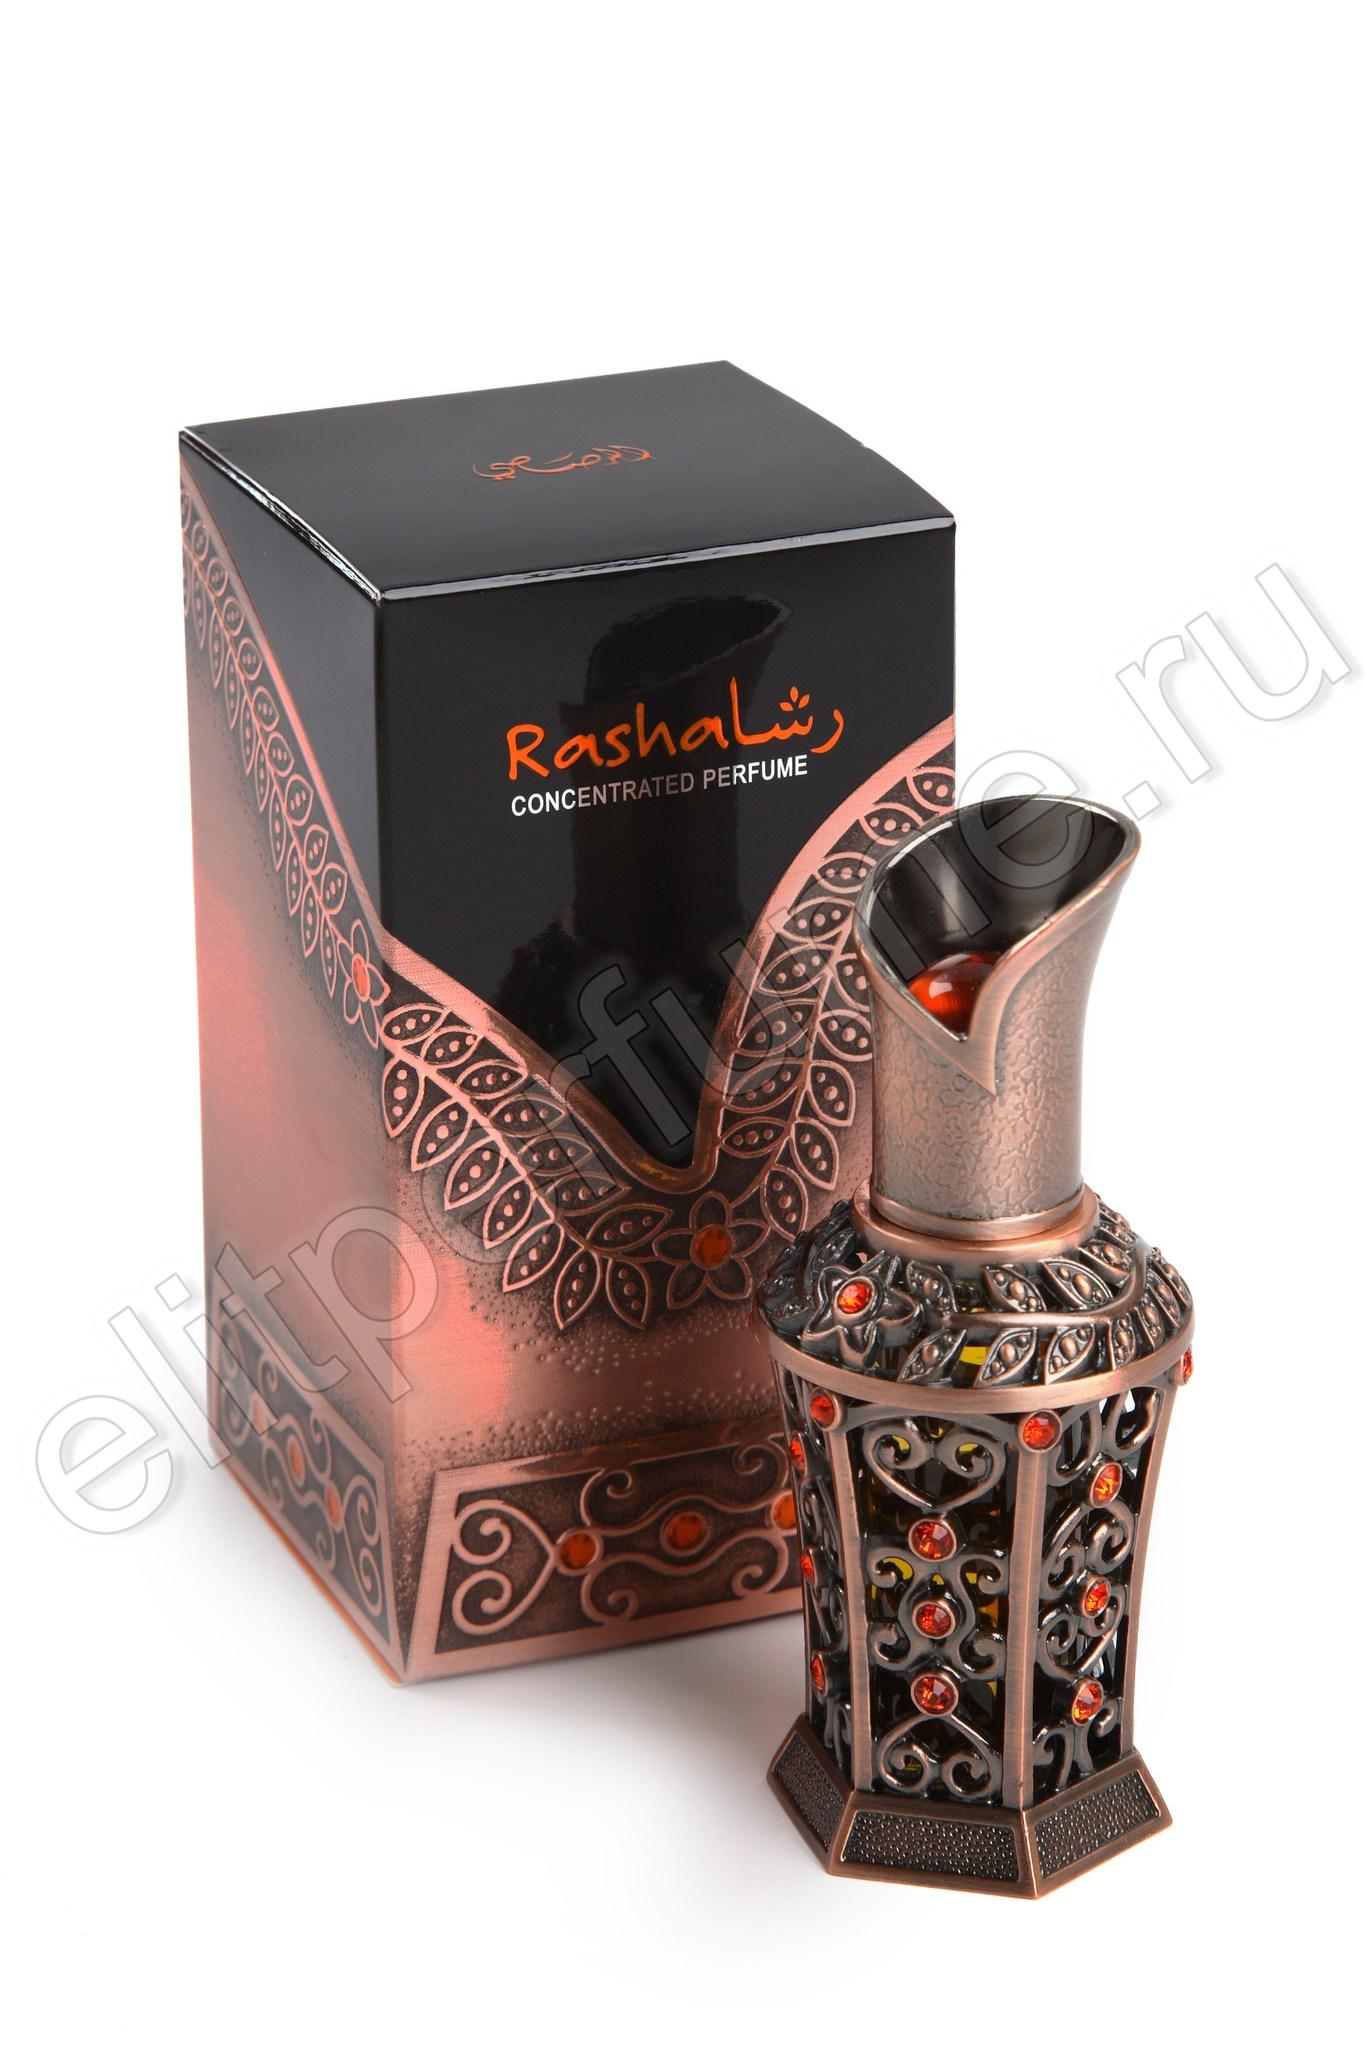 Пробники для духов Раша Rasha 1 мл арабские масляные духи от Расаси Rasasi Perfumes